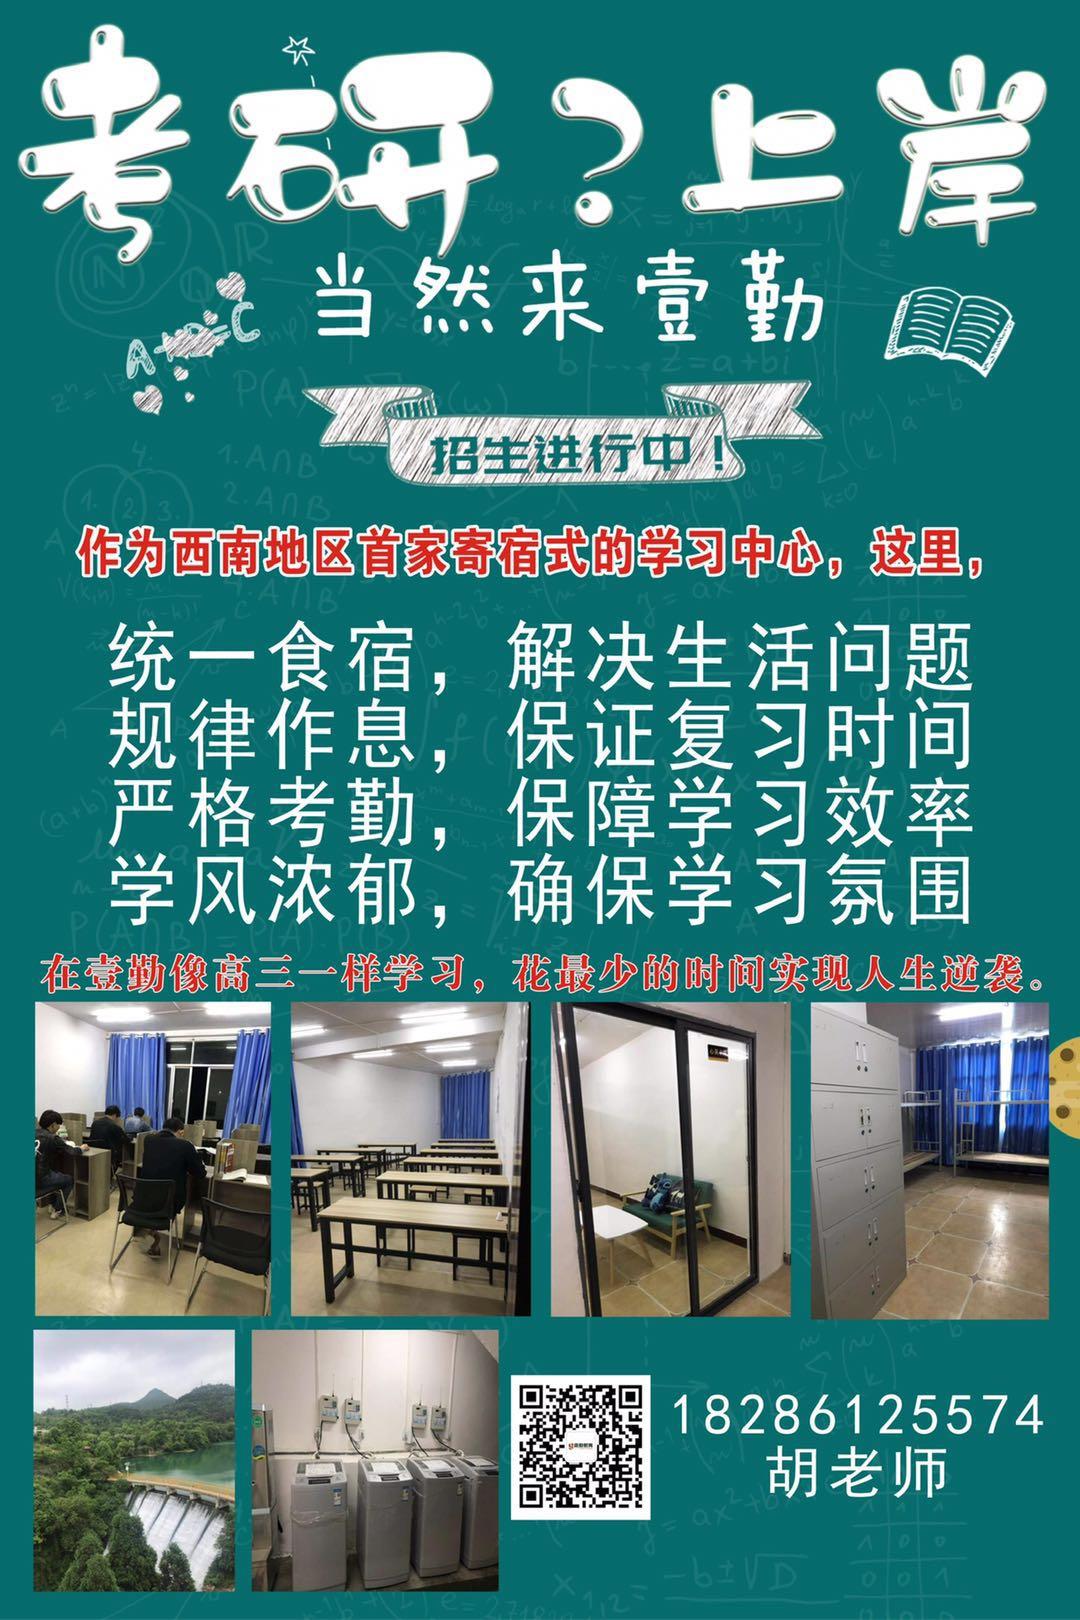 贵阳寄宿式考研学习中心